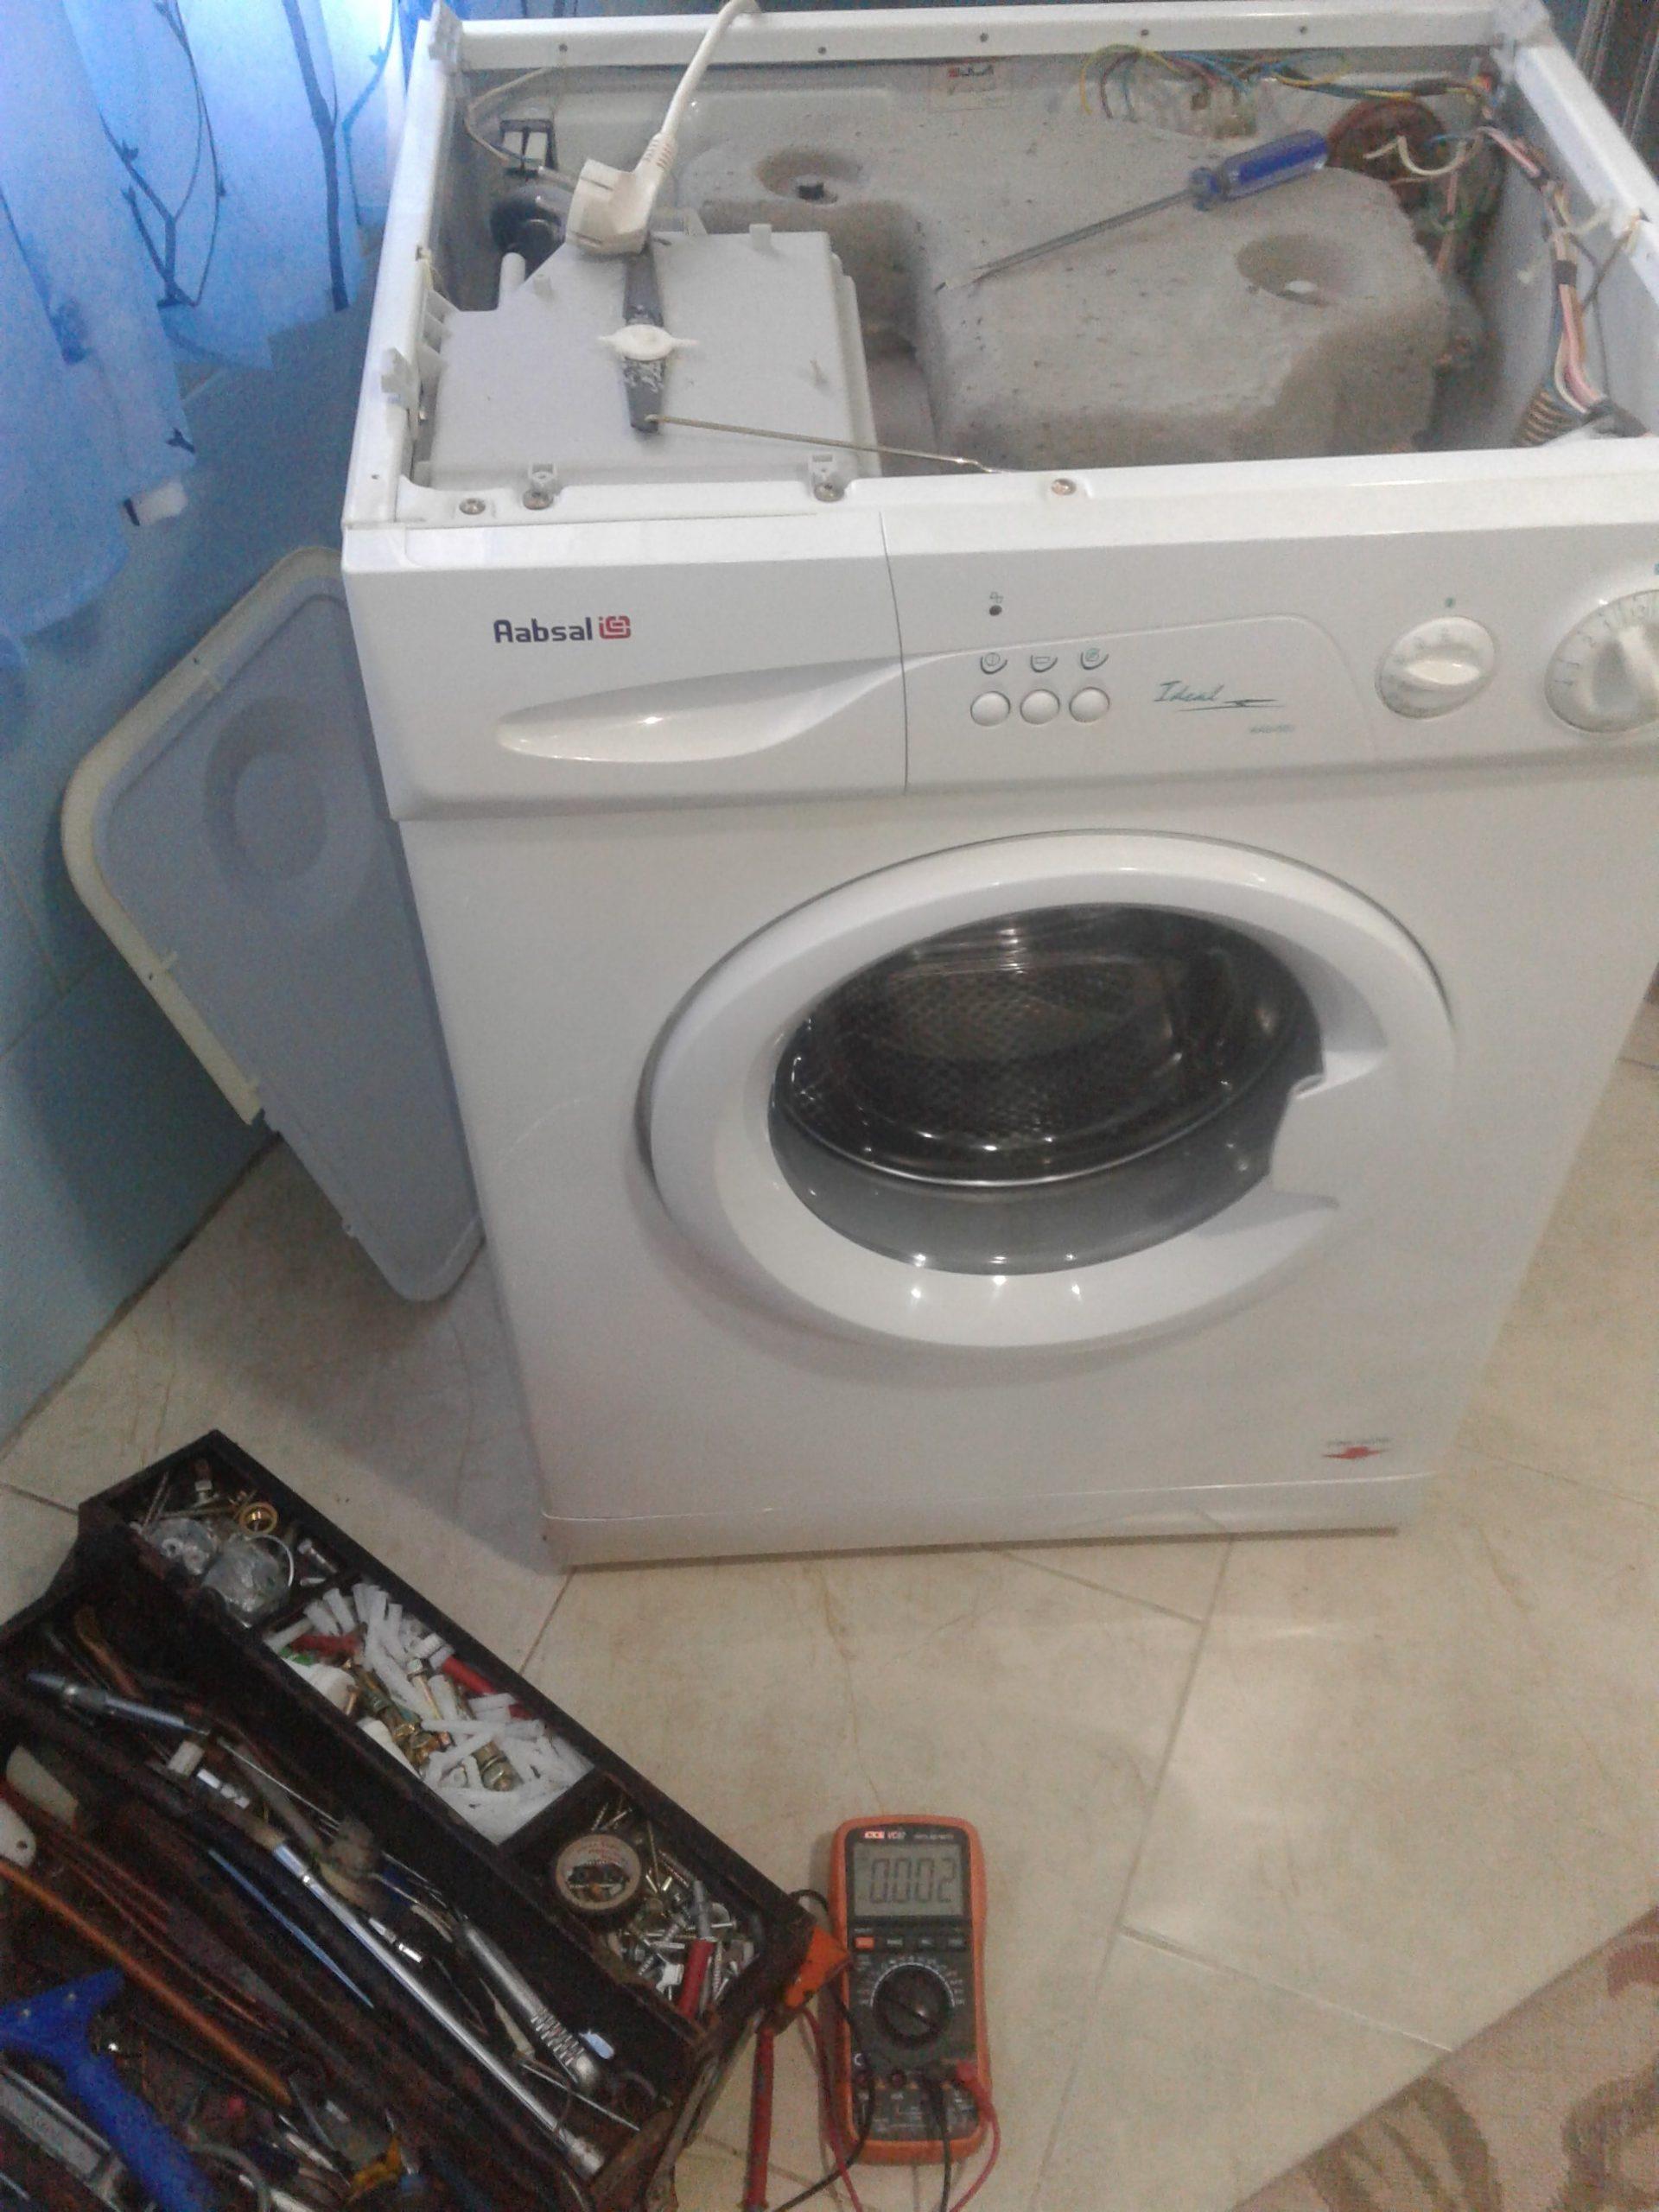 تعمیرات ماشین لباسشویی در محل | تهران